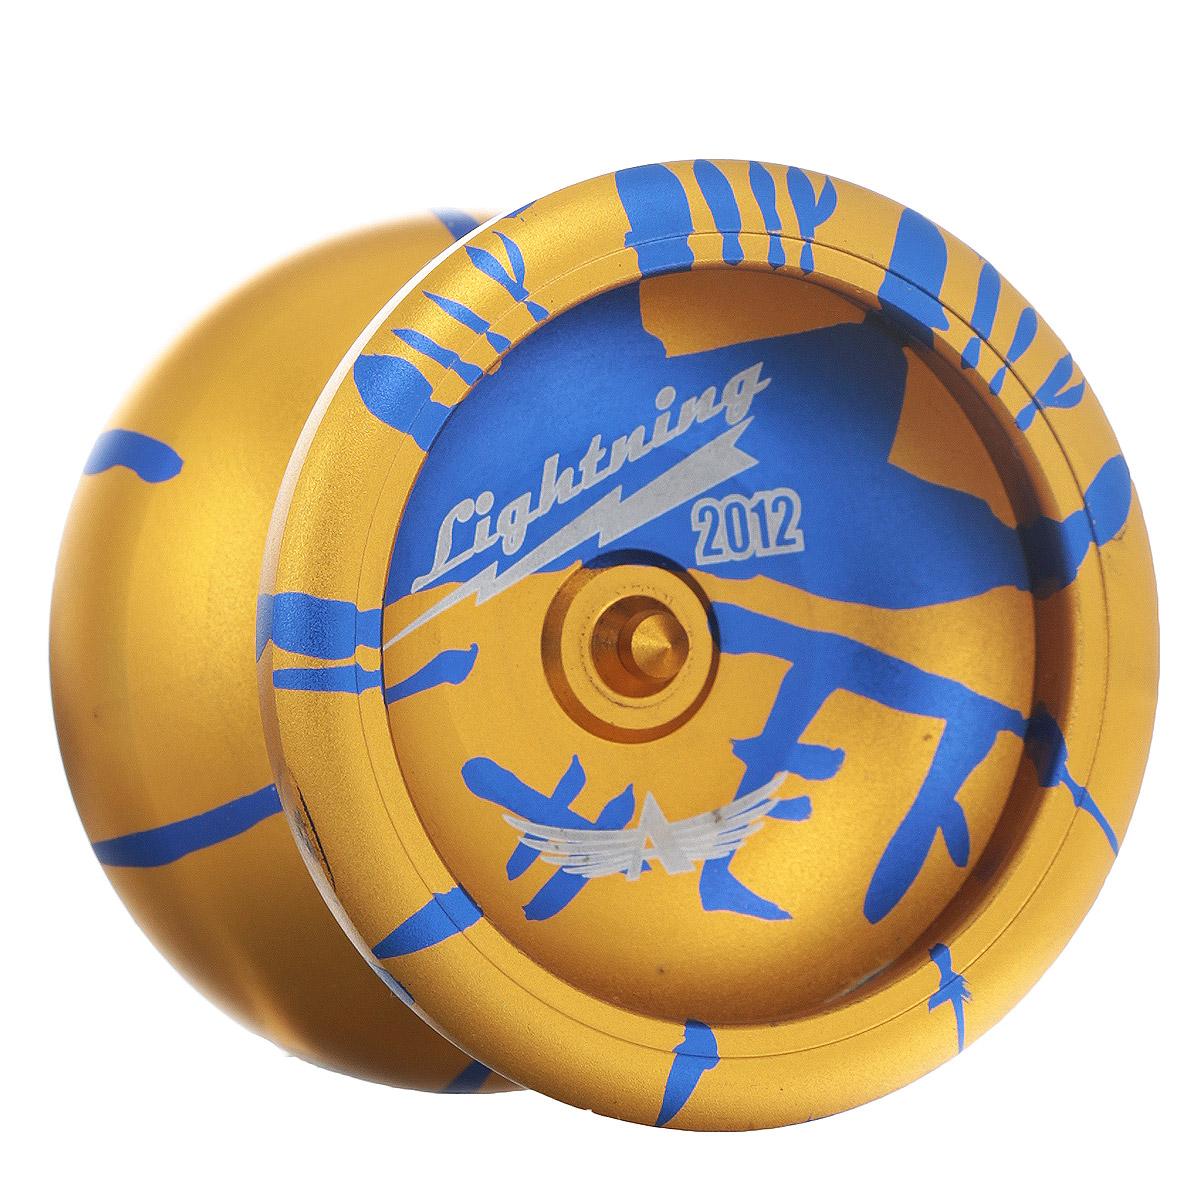 Йо-йо Aero Lightning, цвет: желтый, синий732100_желтый, синийLightning, или Молния - это шаг вперед для российского йо-йо строения! Самое современное йо-йо от Aero-Yo - это новое поколение хай-ендов, сочетающее невысокую цену и прекраснейшее качество исполнения и игры. Новые формы бабочки йо-йо позволяют получать огромное удовольствие от исполнения трюков, а мягкая тормозная система и прекрасное покрытие позволят вам прочувствовать всю прелесть именно этого йо-йо. Йо-йо - это игрушка, состоящая из двух симметричных половинок соединенных осью, к которой прикреплена веревка. Современный йо-йо значительно отличается от тех, к которым многие привыкли. Сейчас йо-йо - это такая же часть молодежной культуры как скейт, ВМХ или сноуборд. Йо-йо популярно во многих странах мира, таких как Россия, США и Япония. Ежегодно во всем мире проходят различные чемпионаты по игре с йо-йо, в том числе и Чемпионат России, в котором собираются лучшие игроки со всей страны. Aero Yo-Yos - российский модельный ряд модных молодежных игрушек...